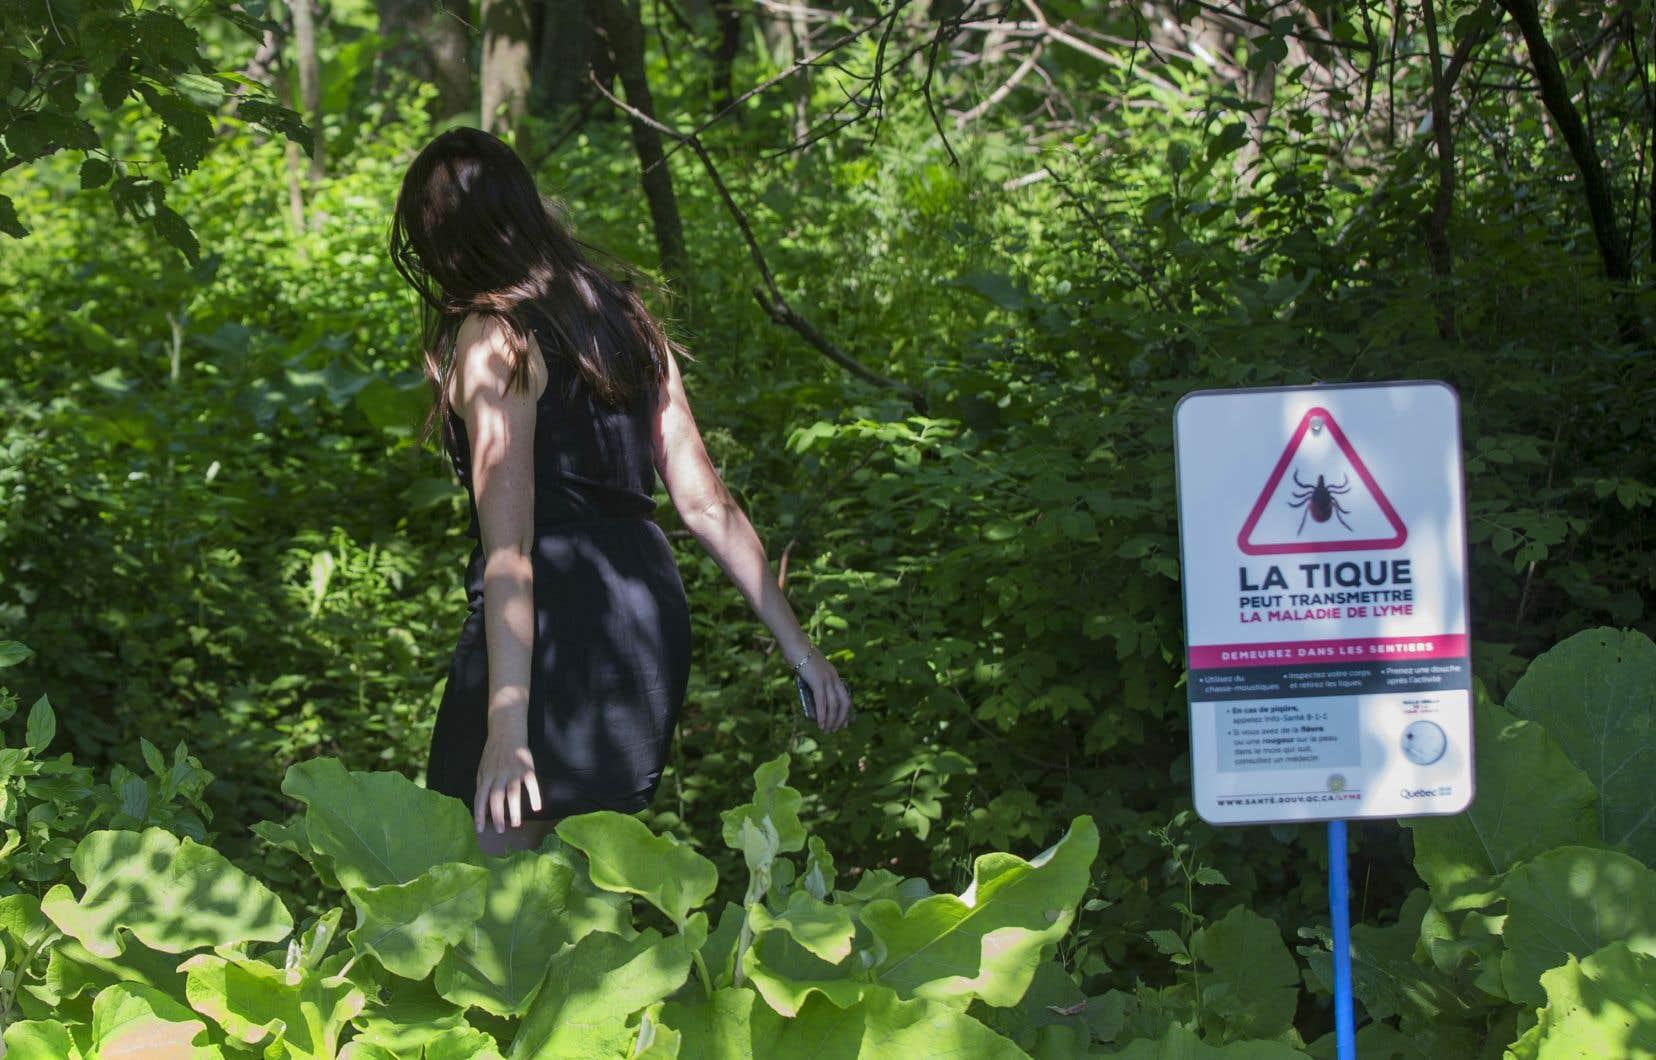 Le tiers des Québécois affectés proviennent désormais de la Montérégie,une des régions où la tique à pattes noires est la plus implantée au Québec.